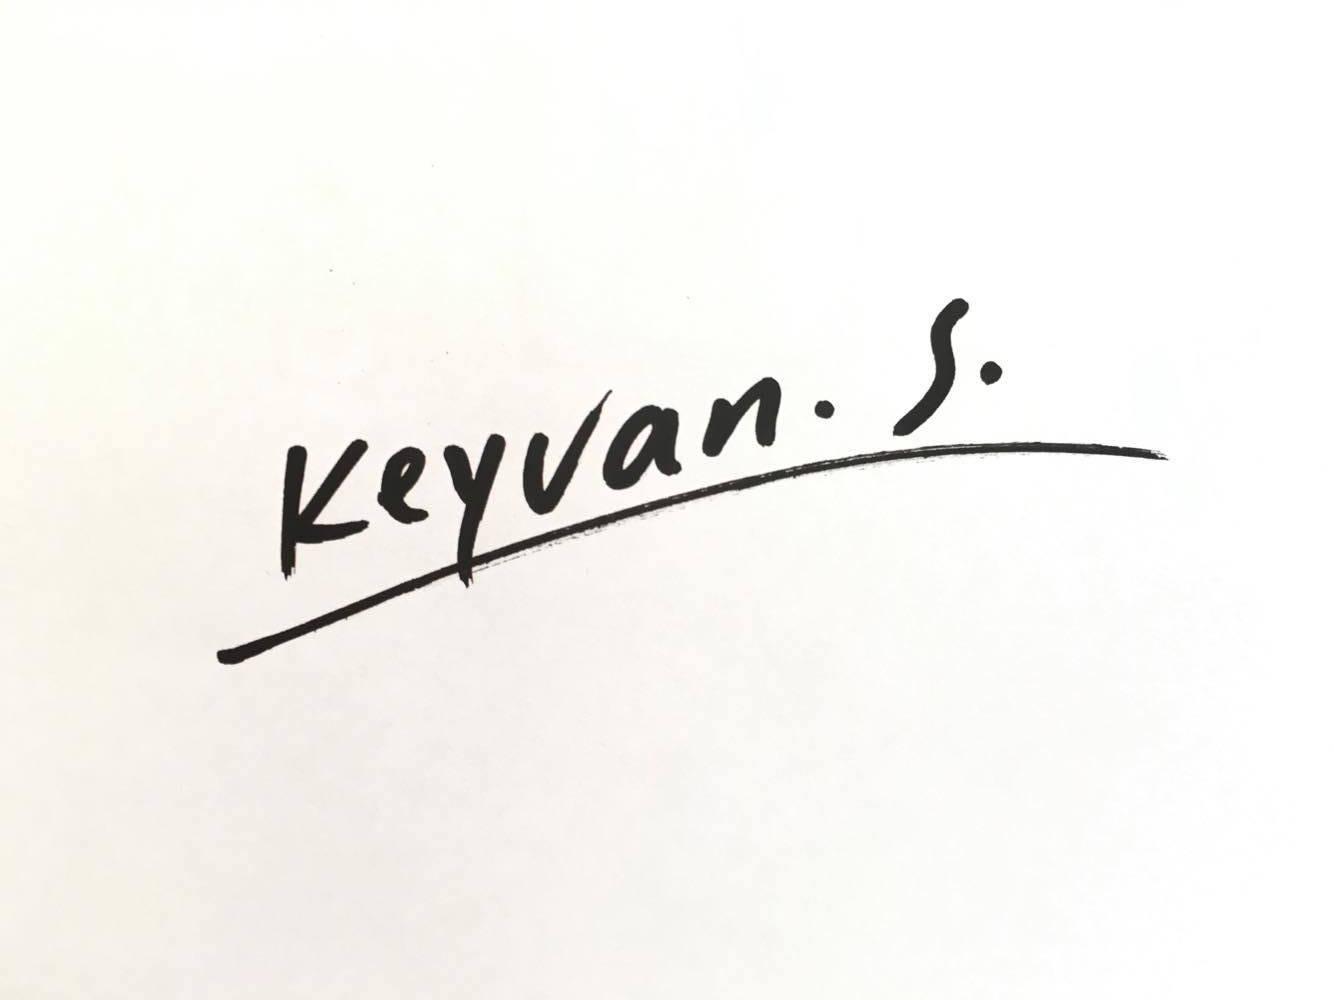 Keyvan S. Signature